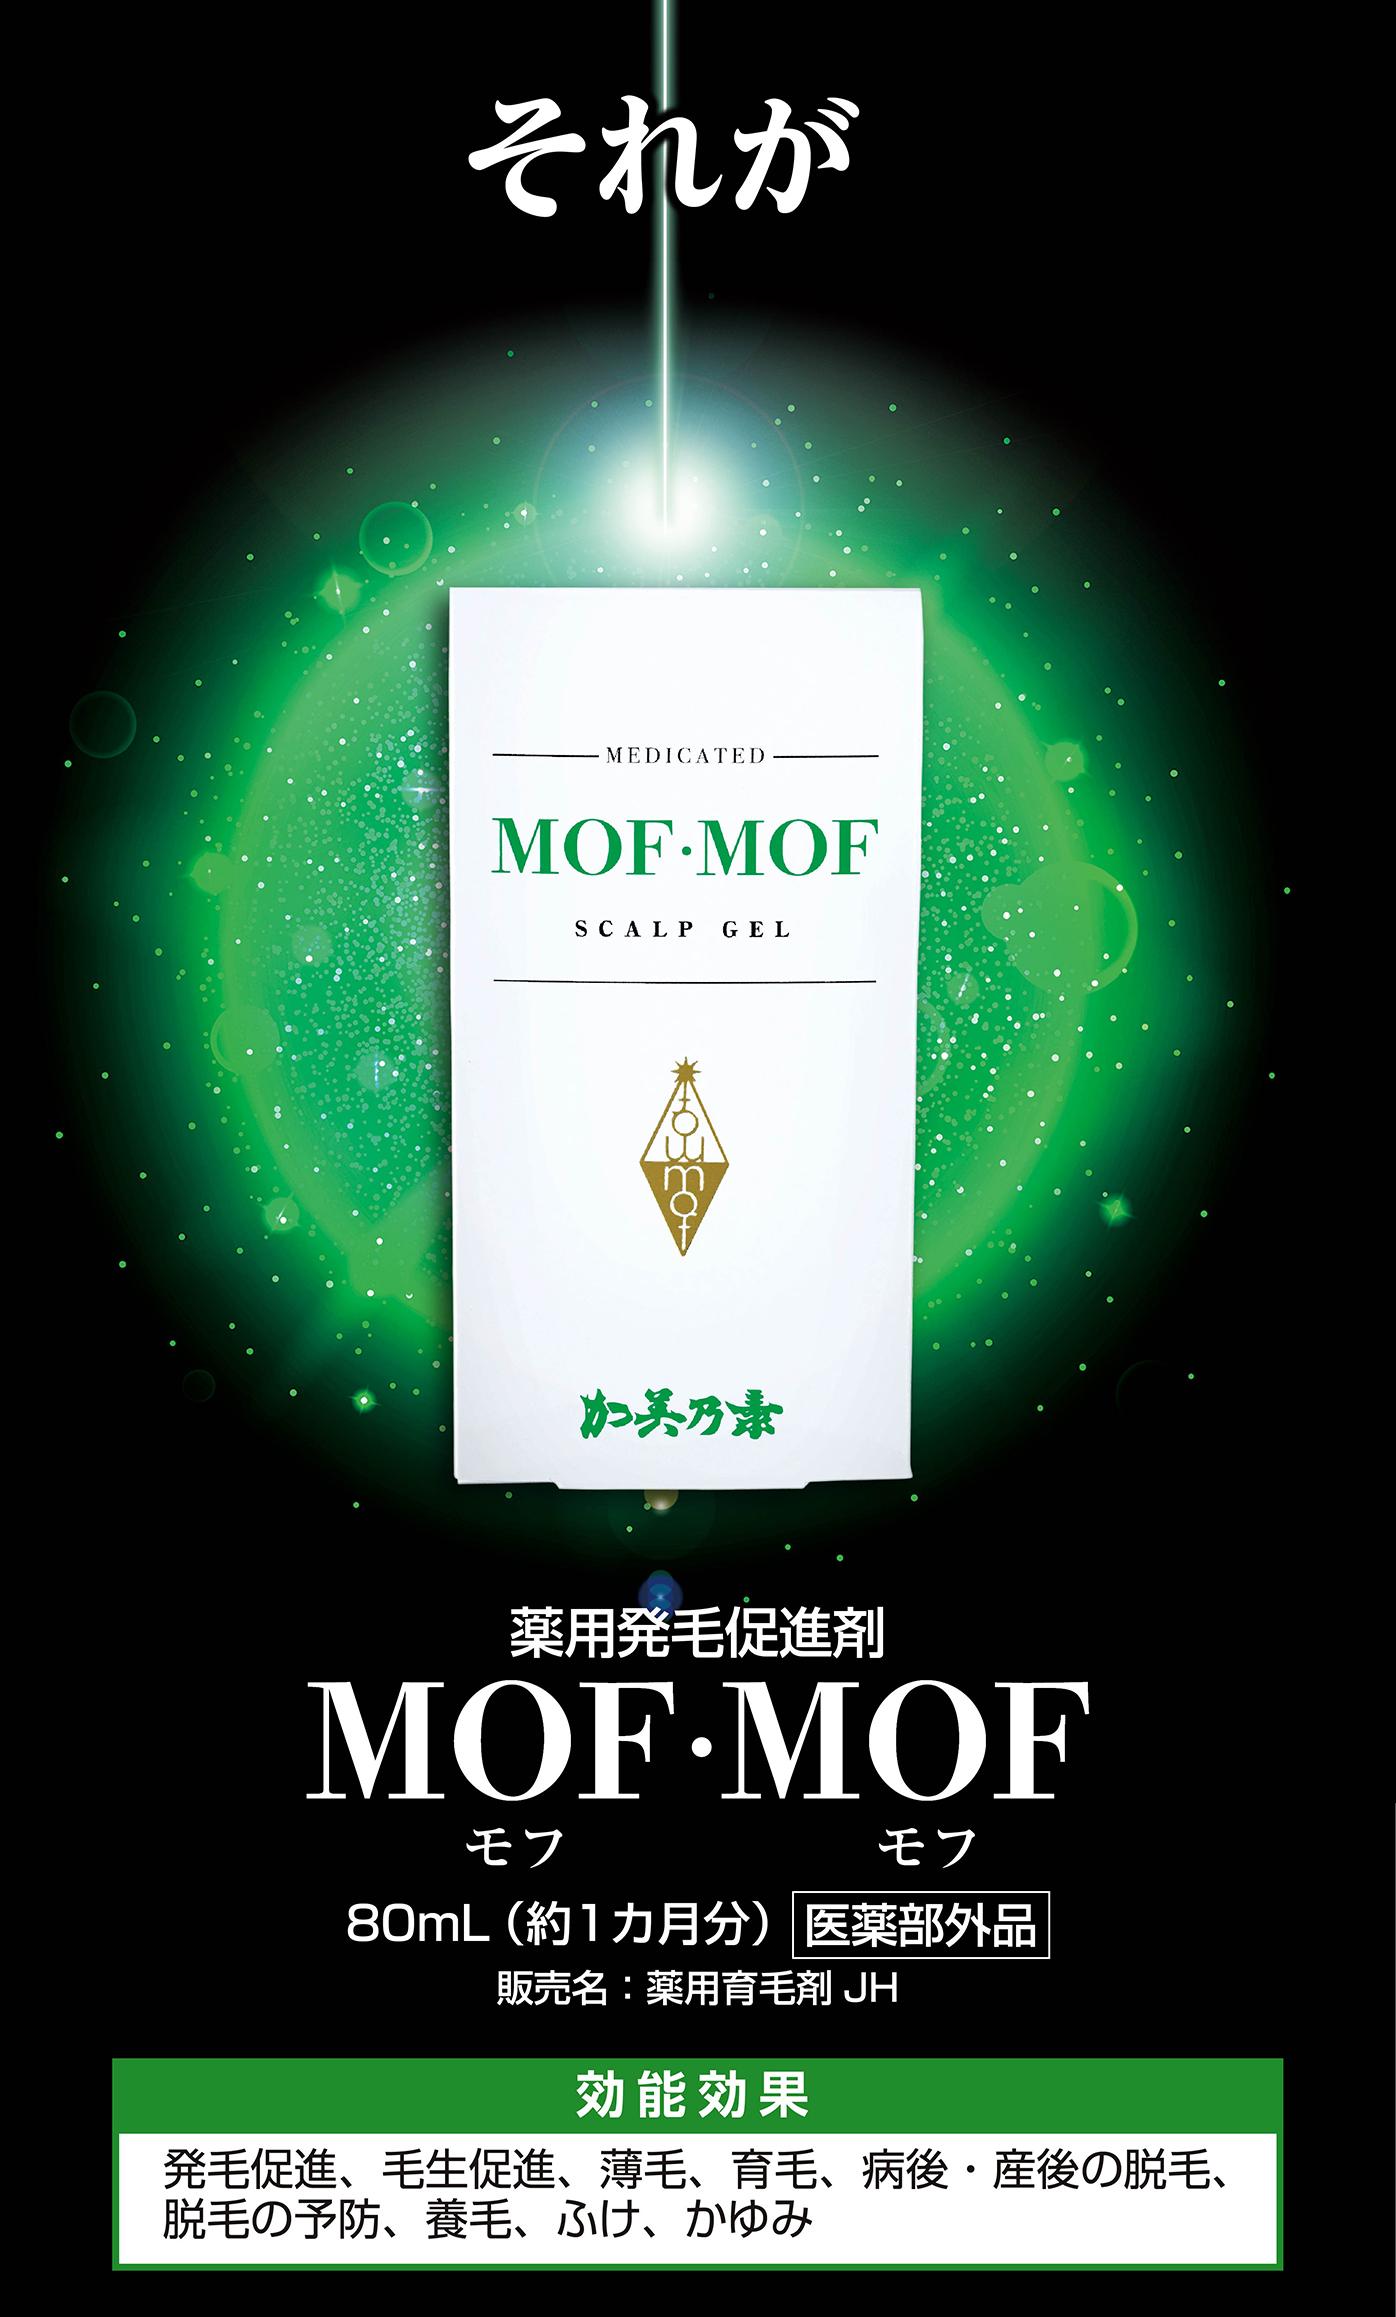 それが薬用発毛促進剤MOF・MOF<もふもふ>